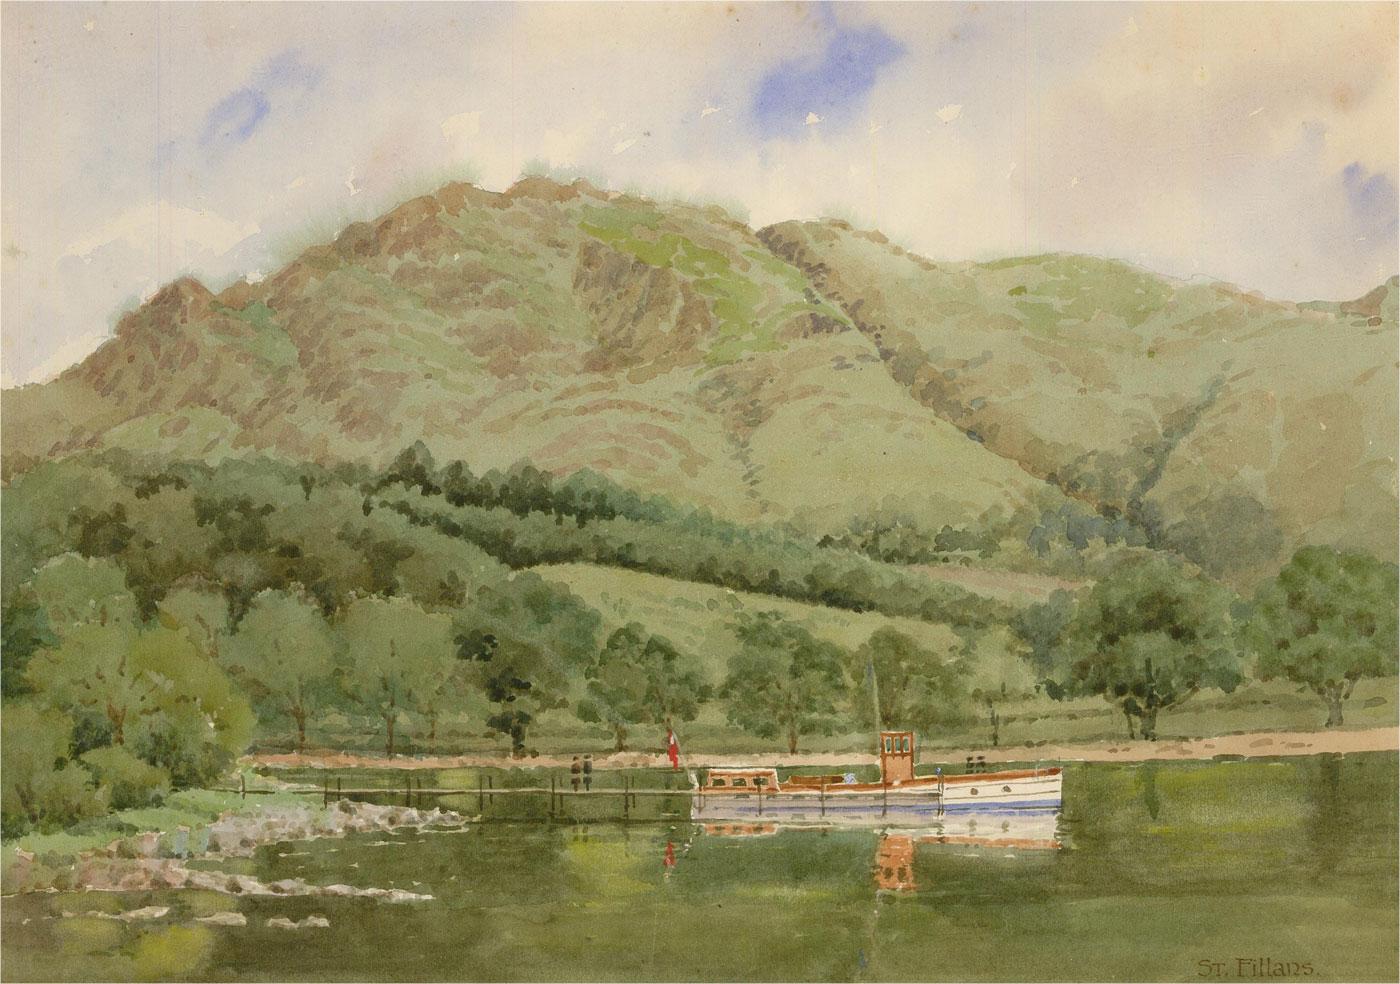 Raymond Turner Barker (1872-1945) - 1930 Watercolour, St Fillans